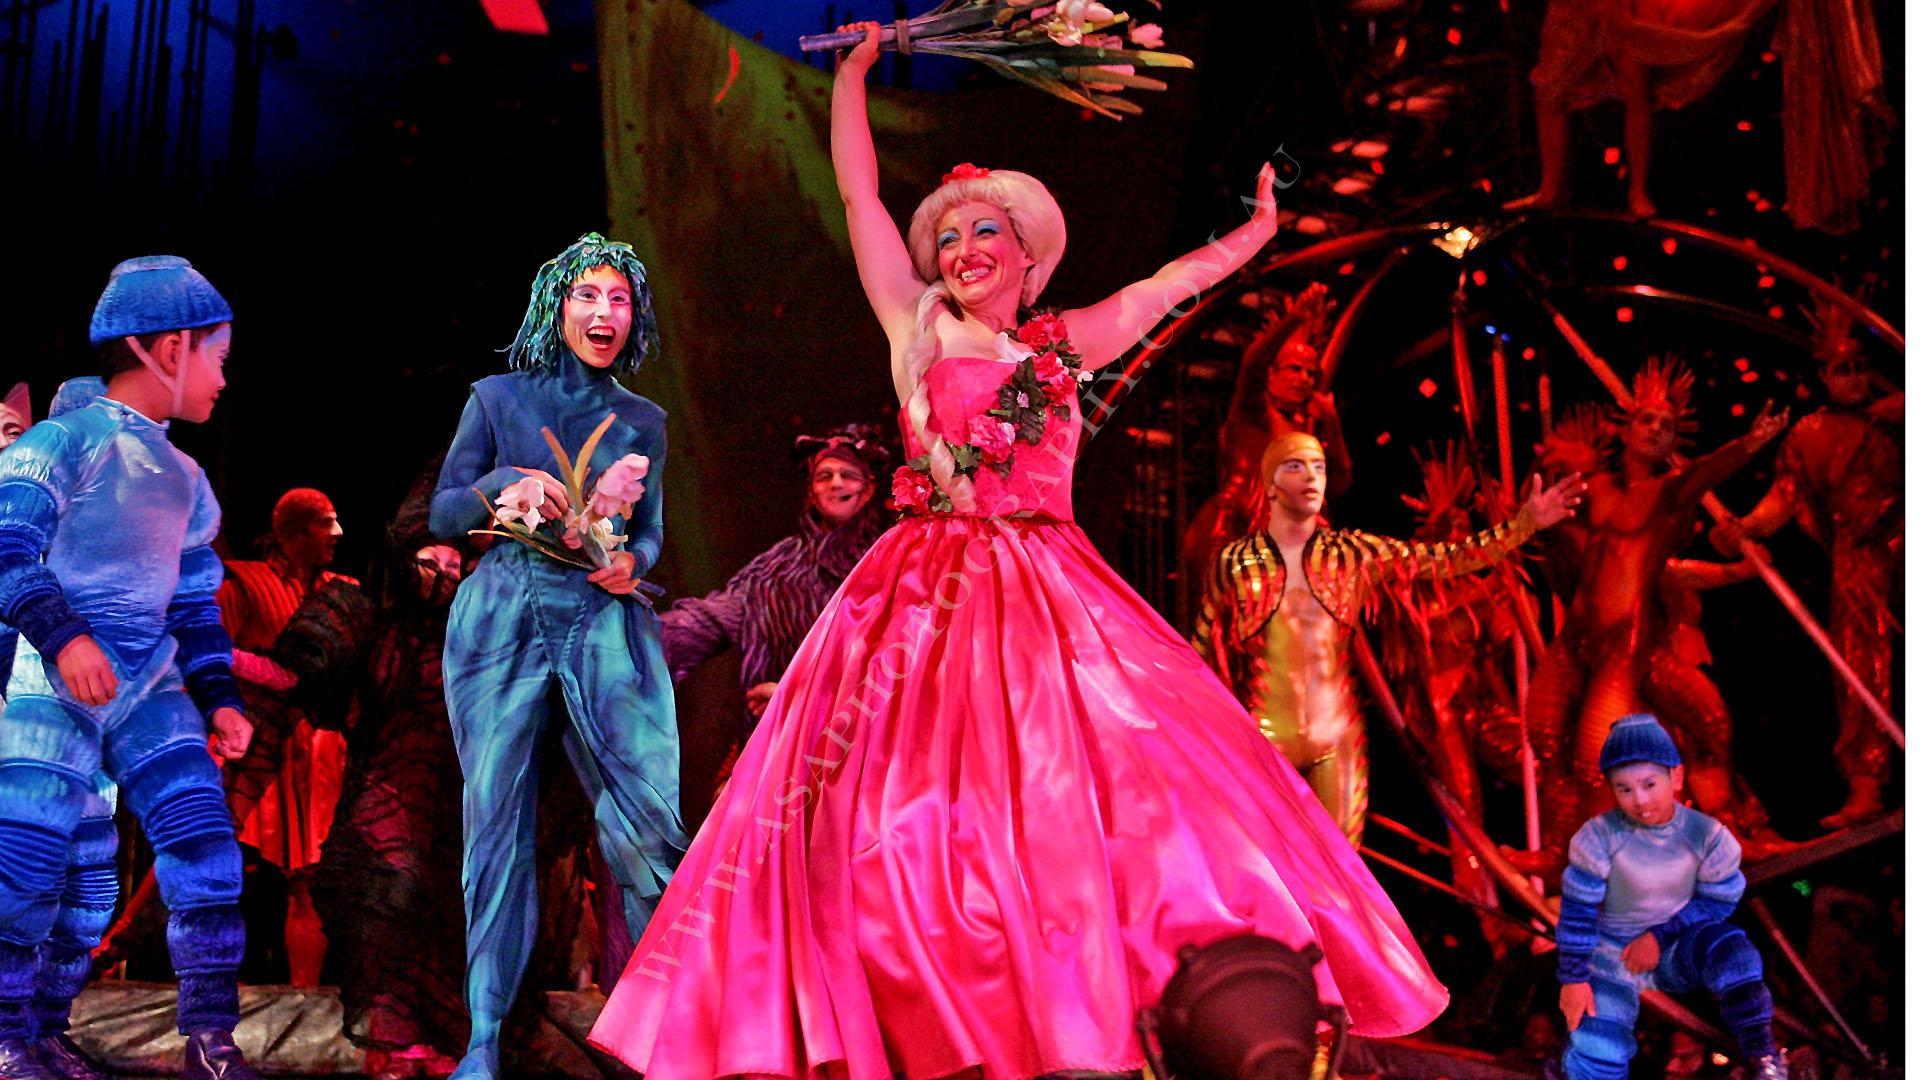 Dress Rehearsal For Cirque Du Soleils Varekai